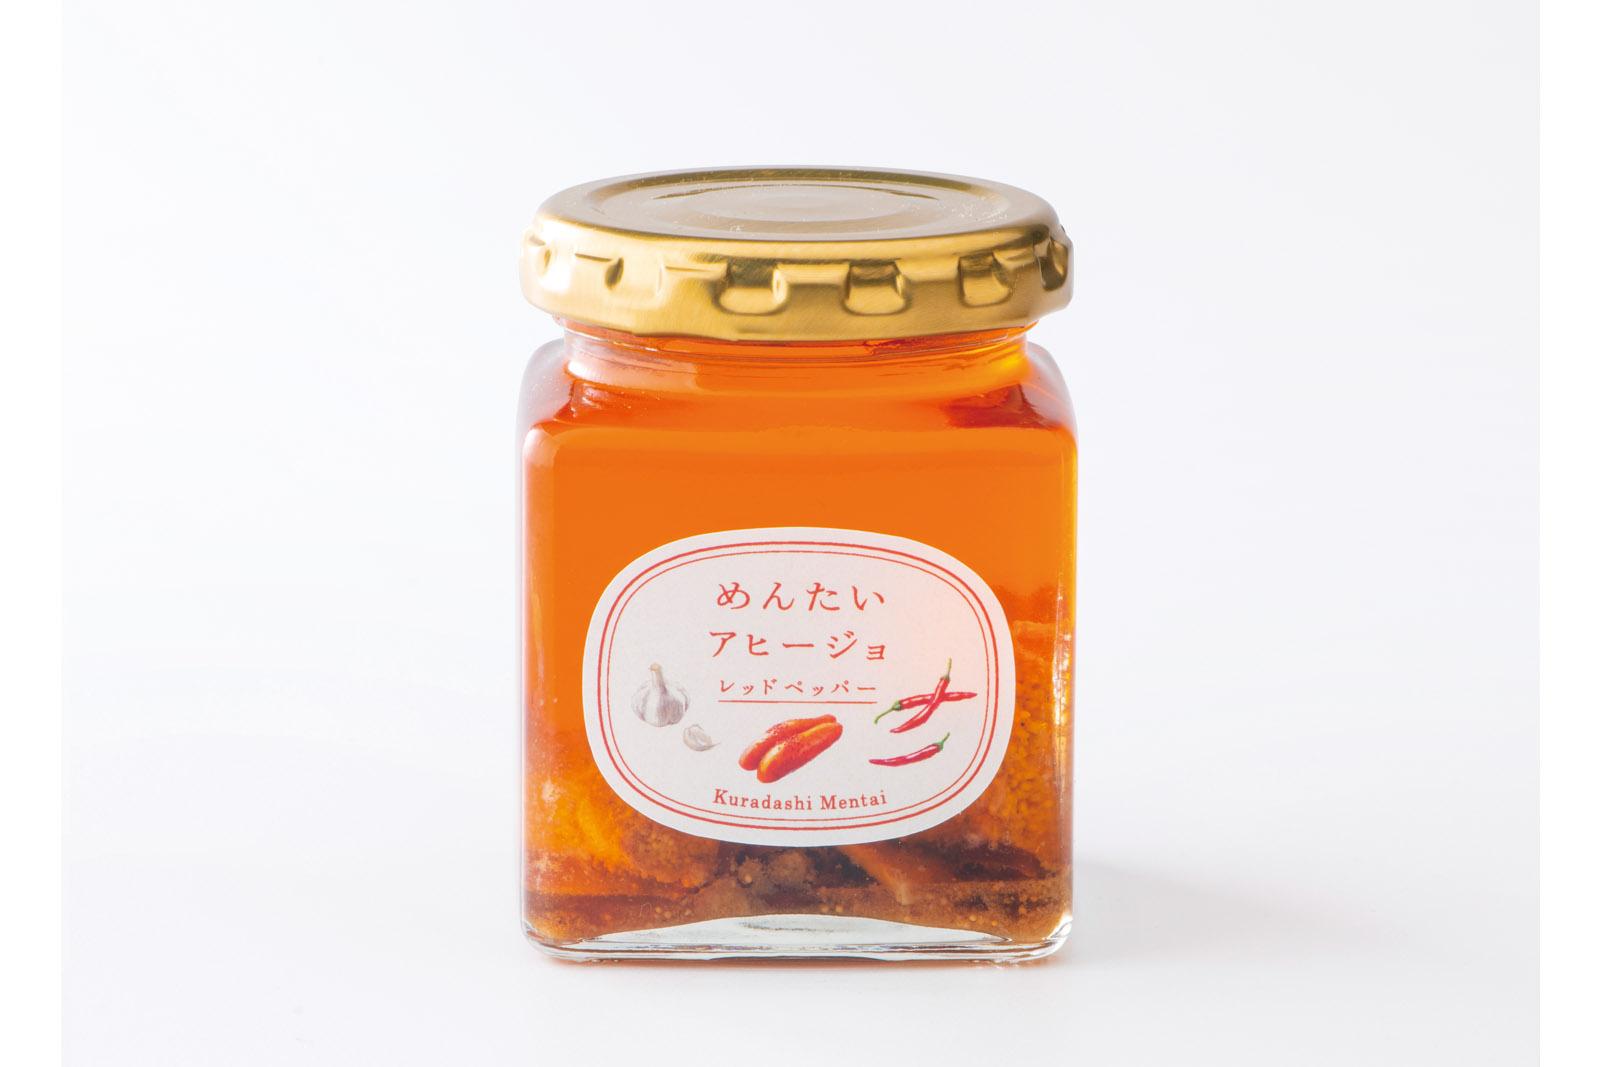 「めんたいアヒージョ (レッドペッパー) 」。唐辛子とガーリックでシンプルに味付け。素材の旨味とピリッとした辛みが一度に味わえる